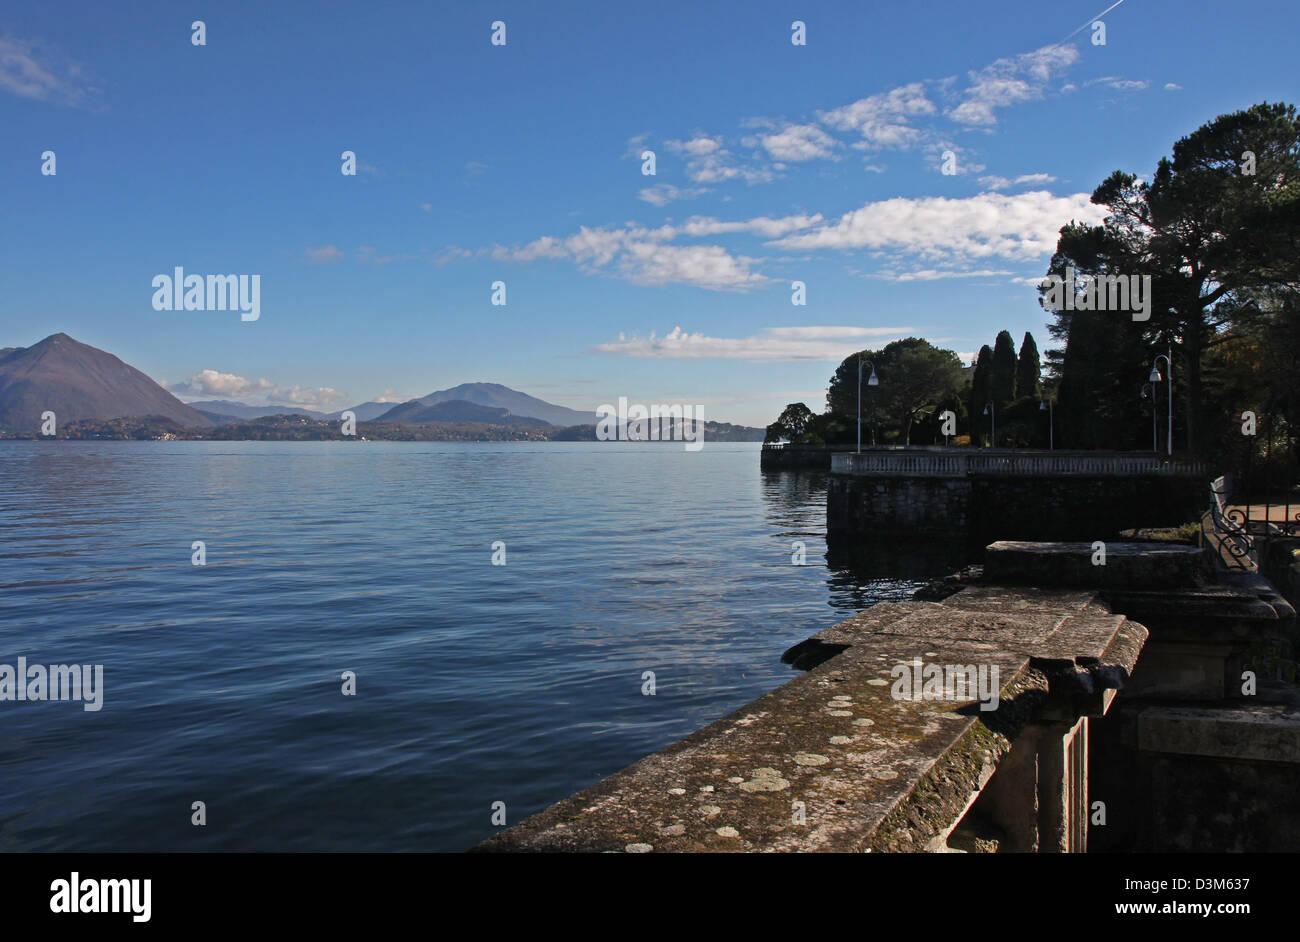 Italy, Lake Maggiore - Stock Image